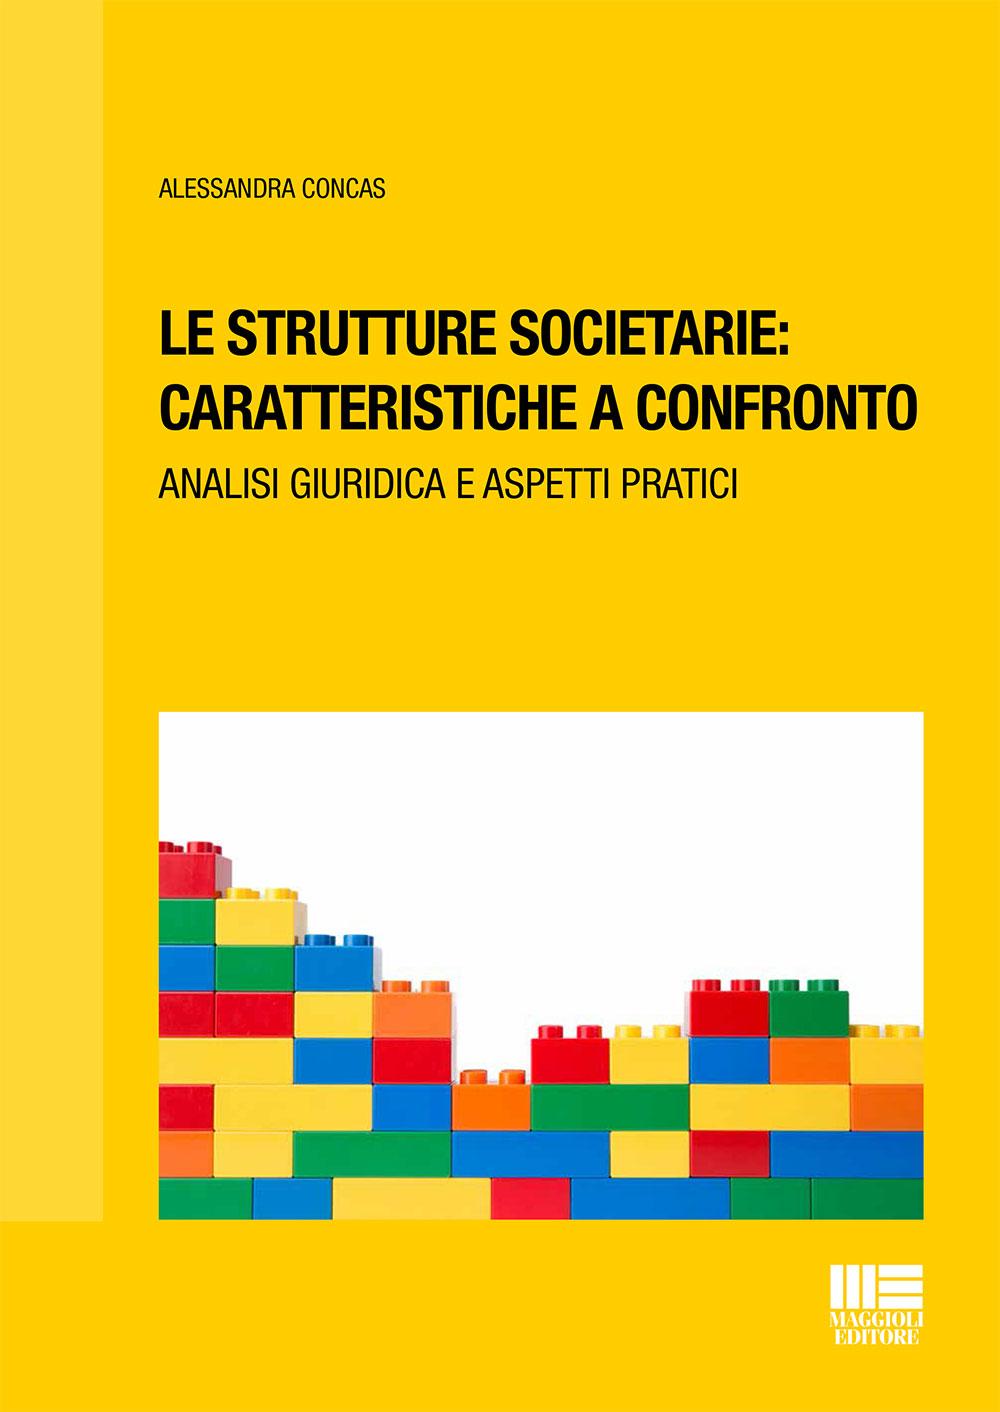 Le strutture societarie: caratteristiche a confronto